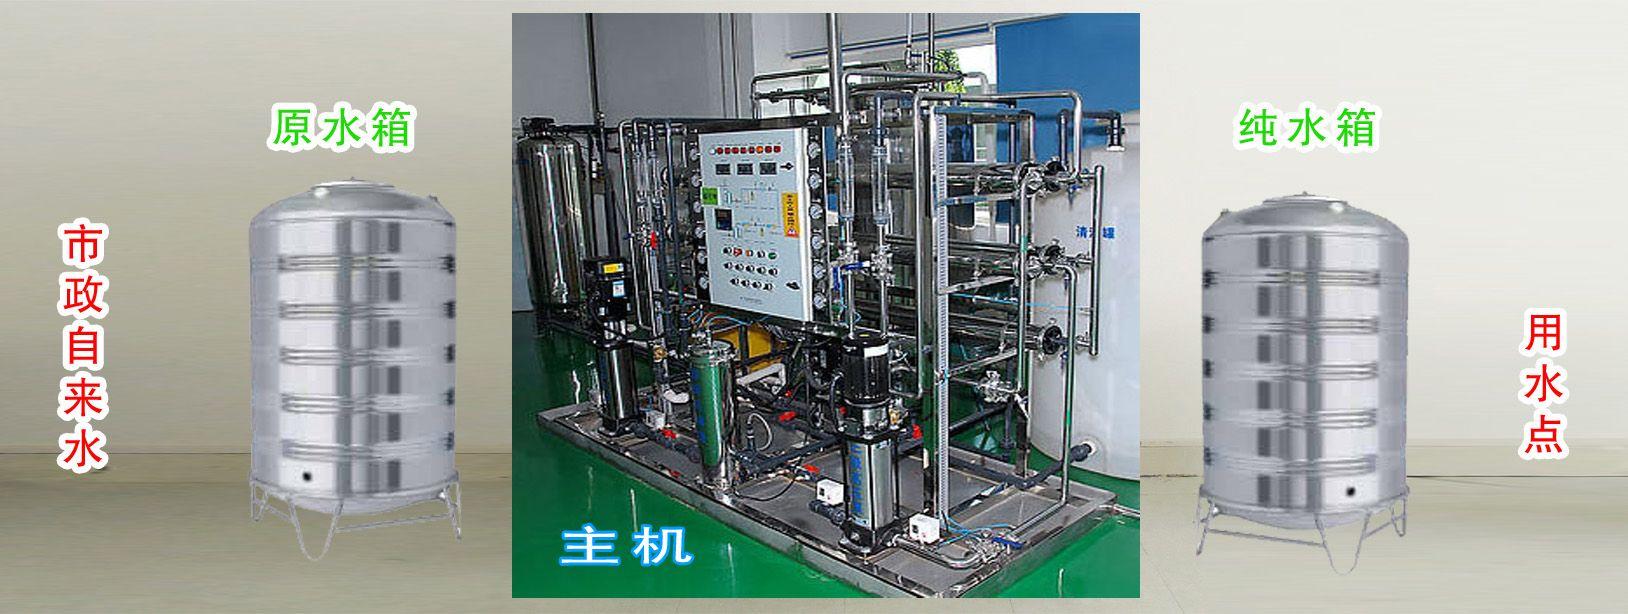 反渗透纯水设备价位_纯水设备